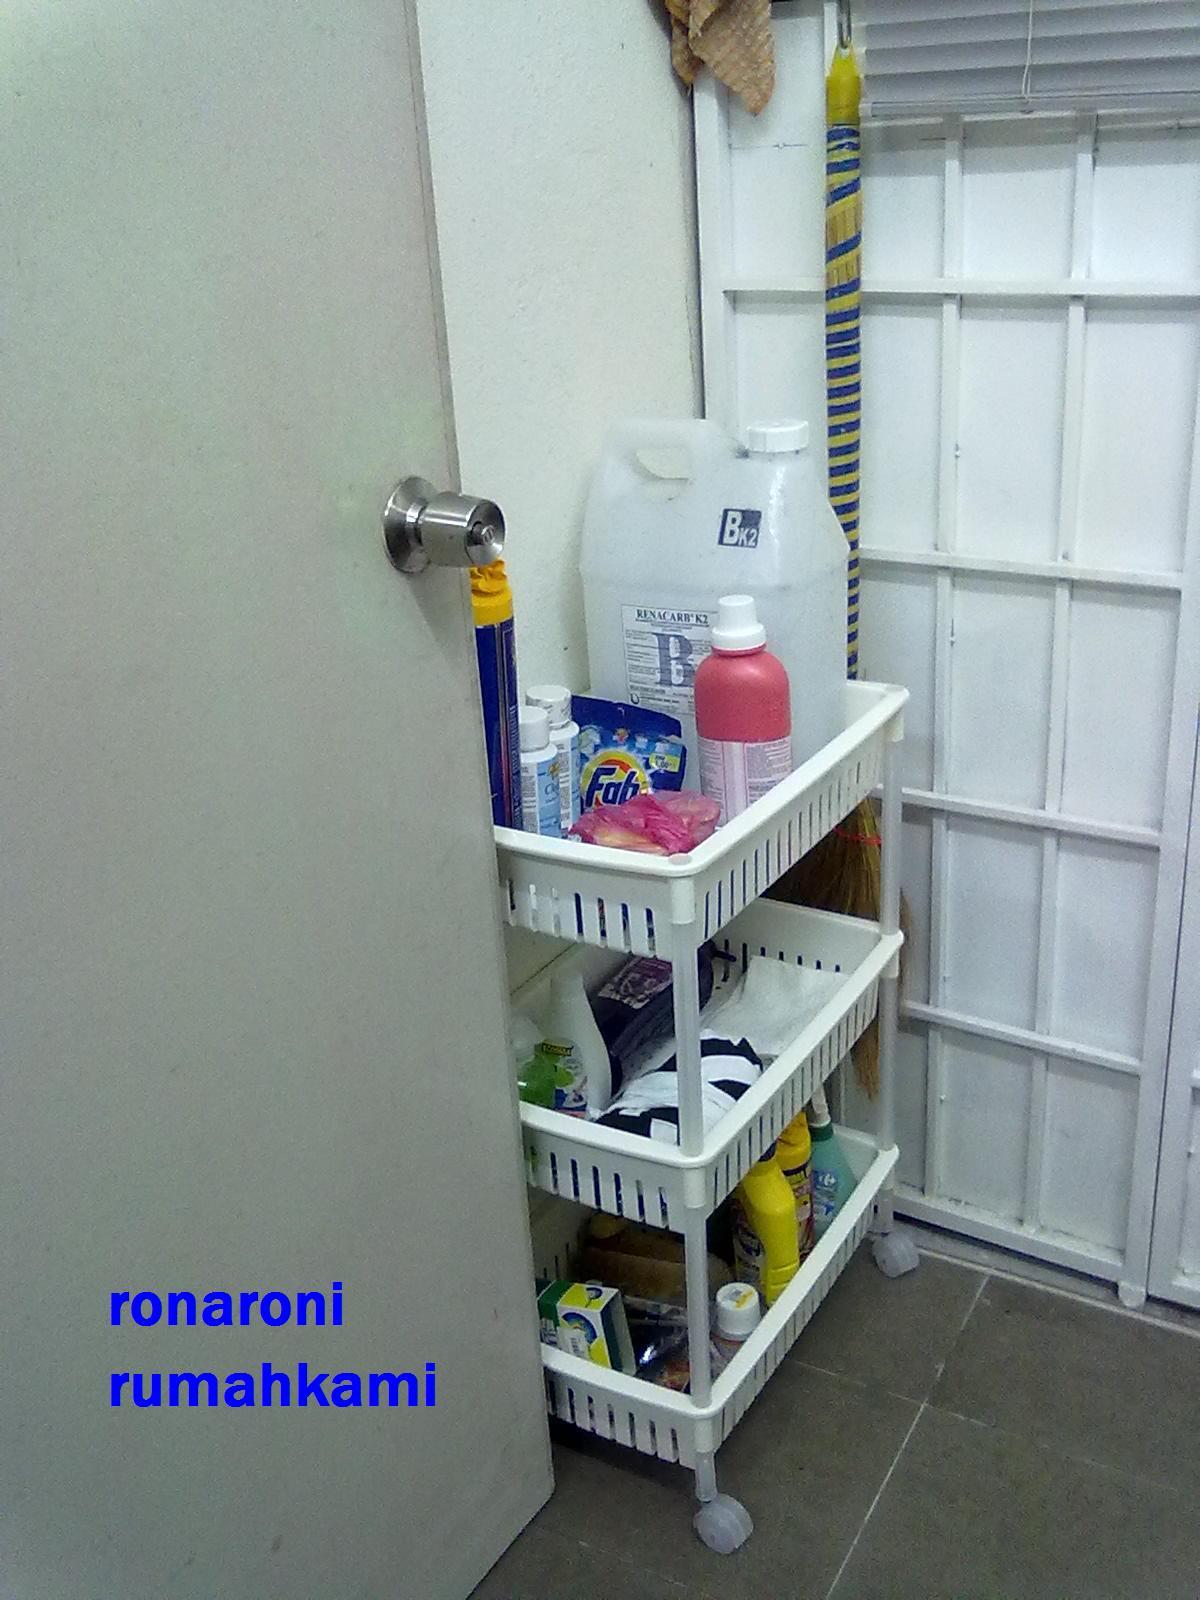 Di Ruang Atas Sekali Saye Letn Sabun Basuh Baju Yang Botol Paling Besar Tu Selalu Org Guna Dobi Ada Letak Juga Clog Remover Dari